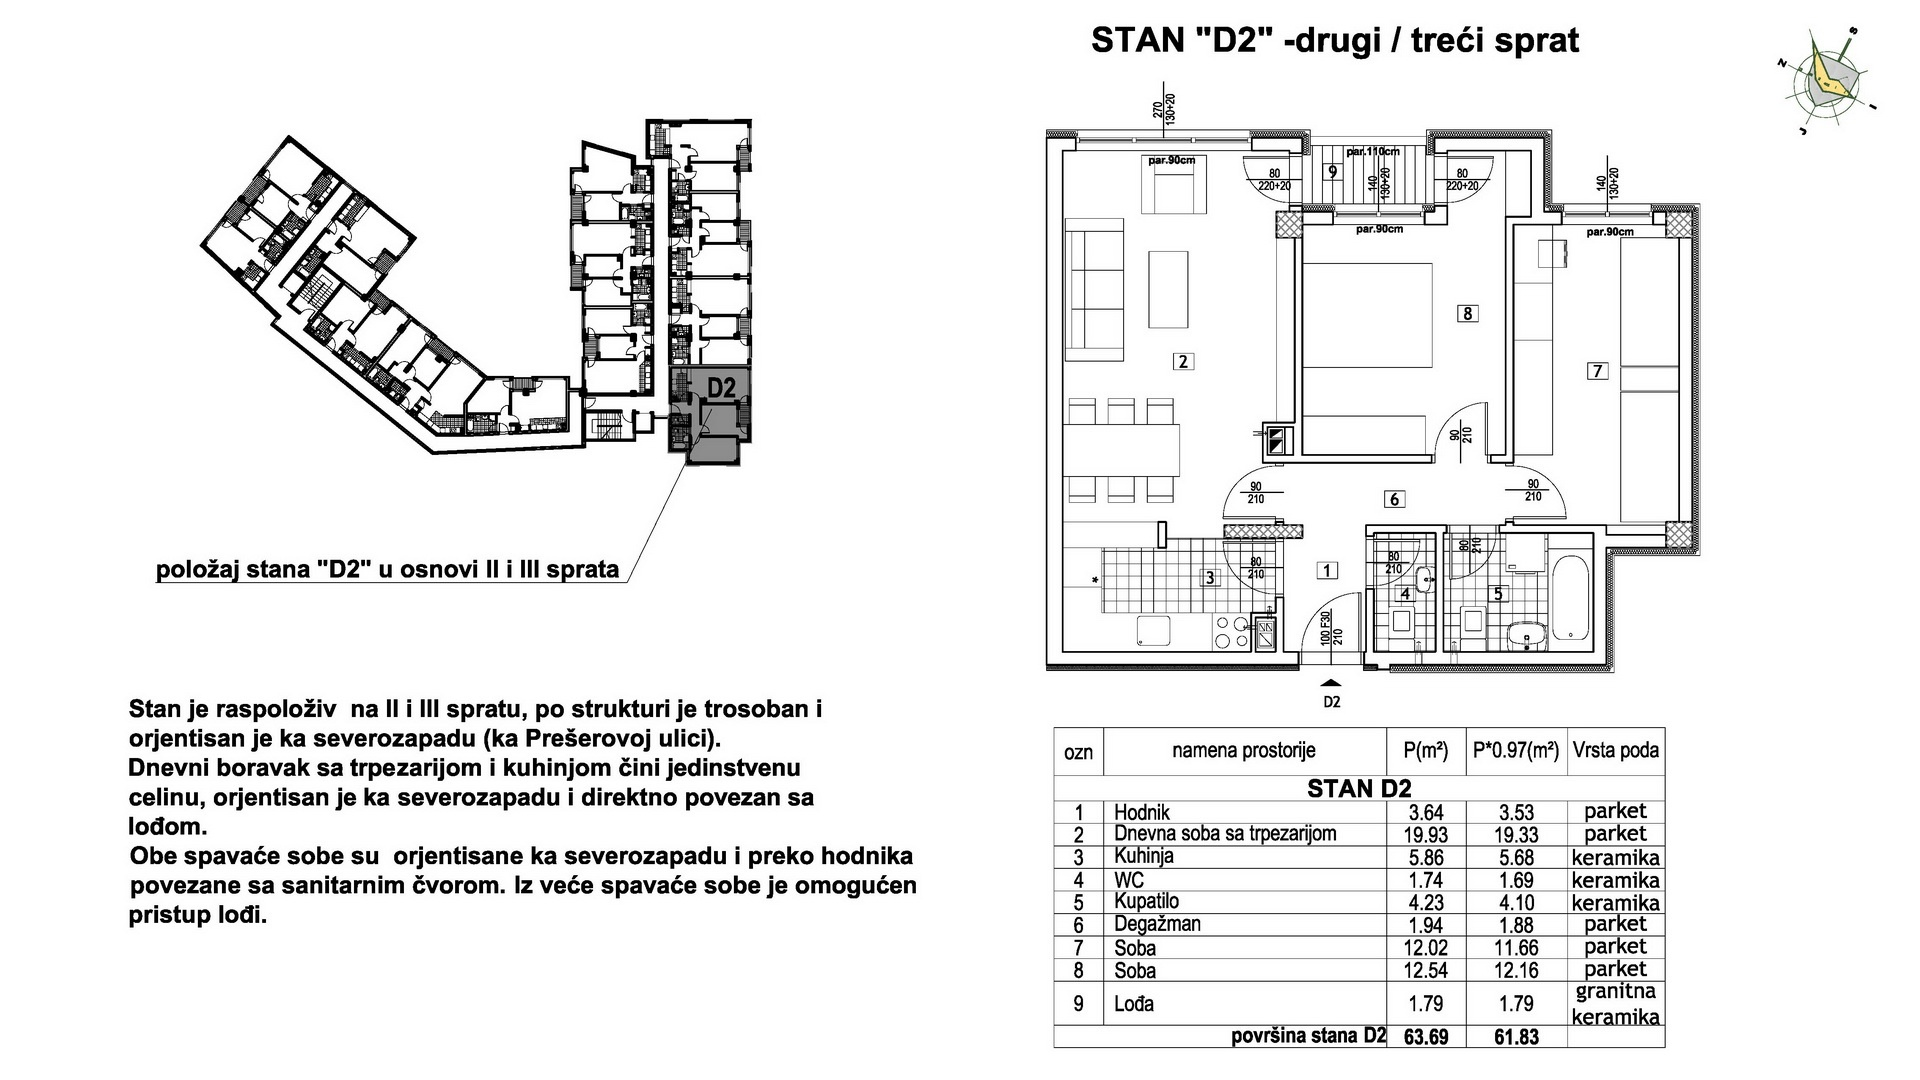 Objekat u Prešernovoj bb - Stan D2